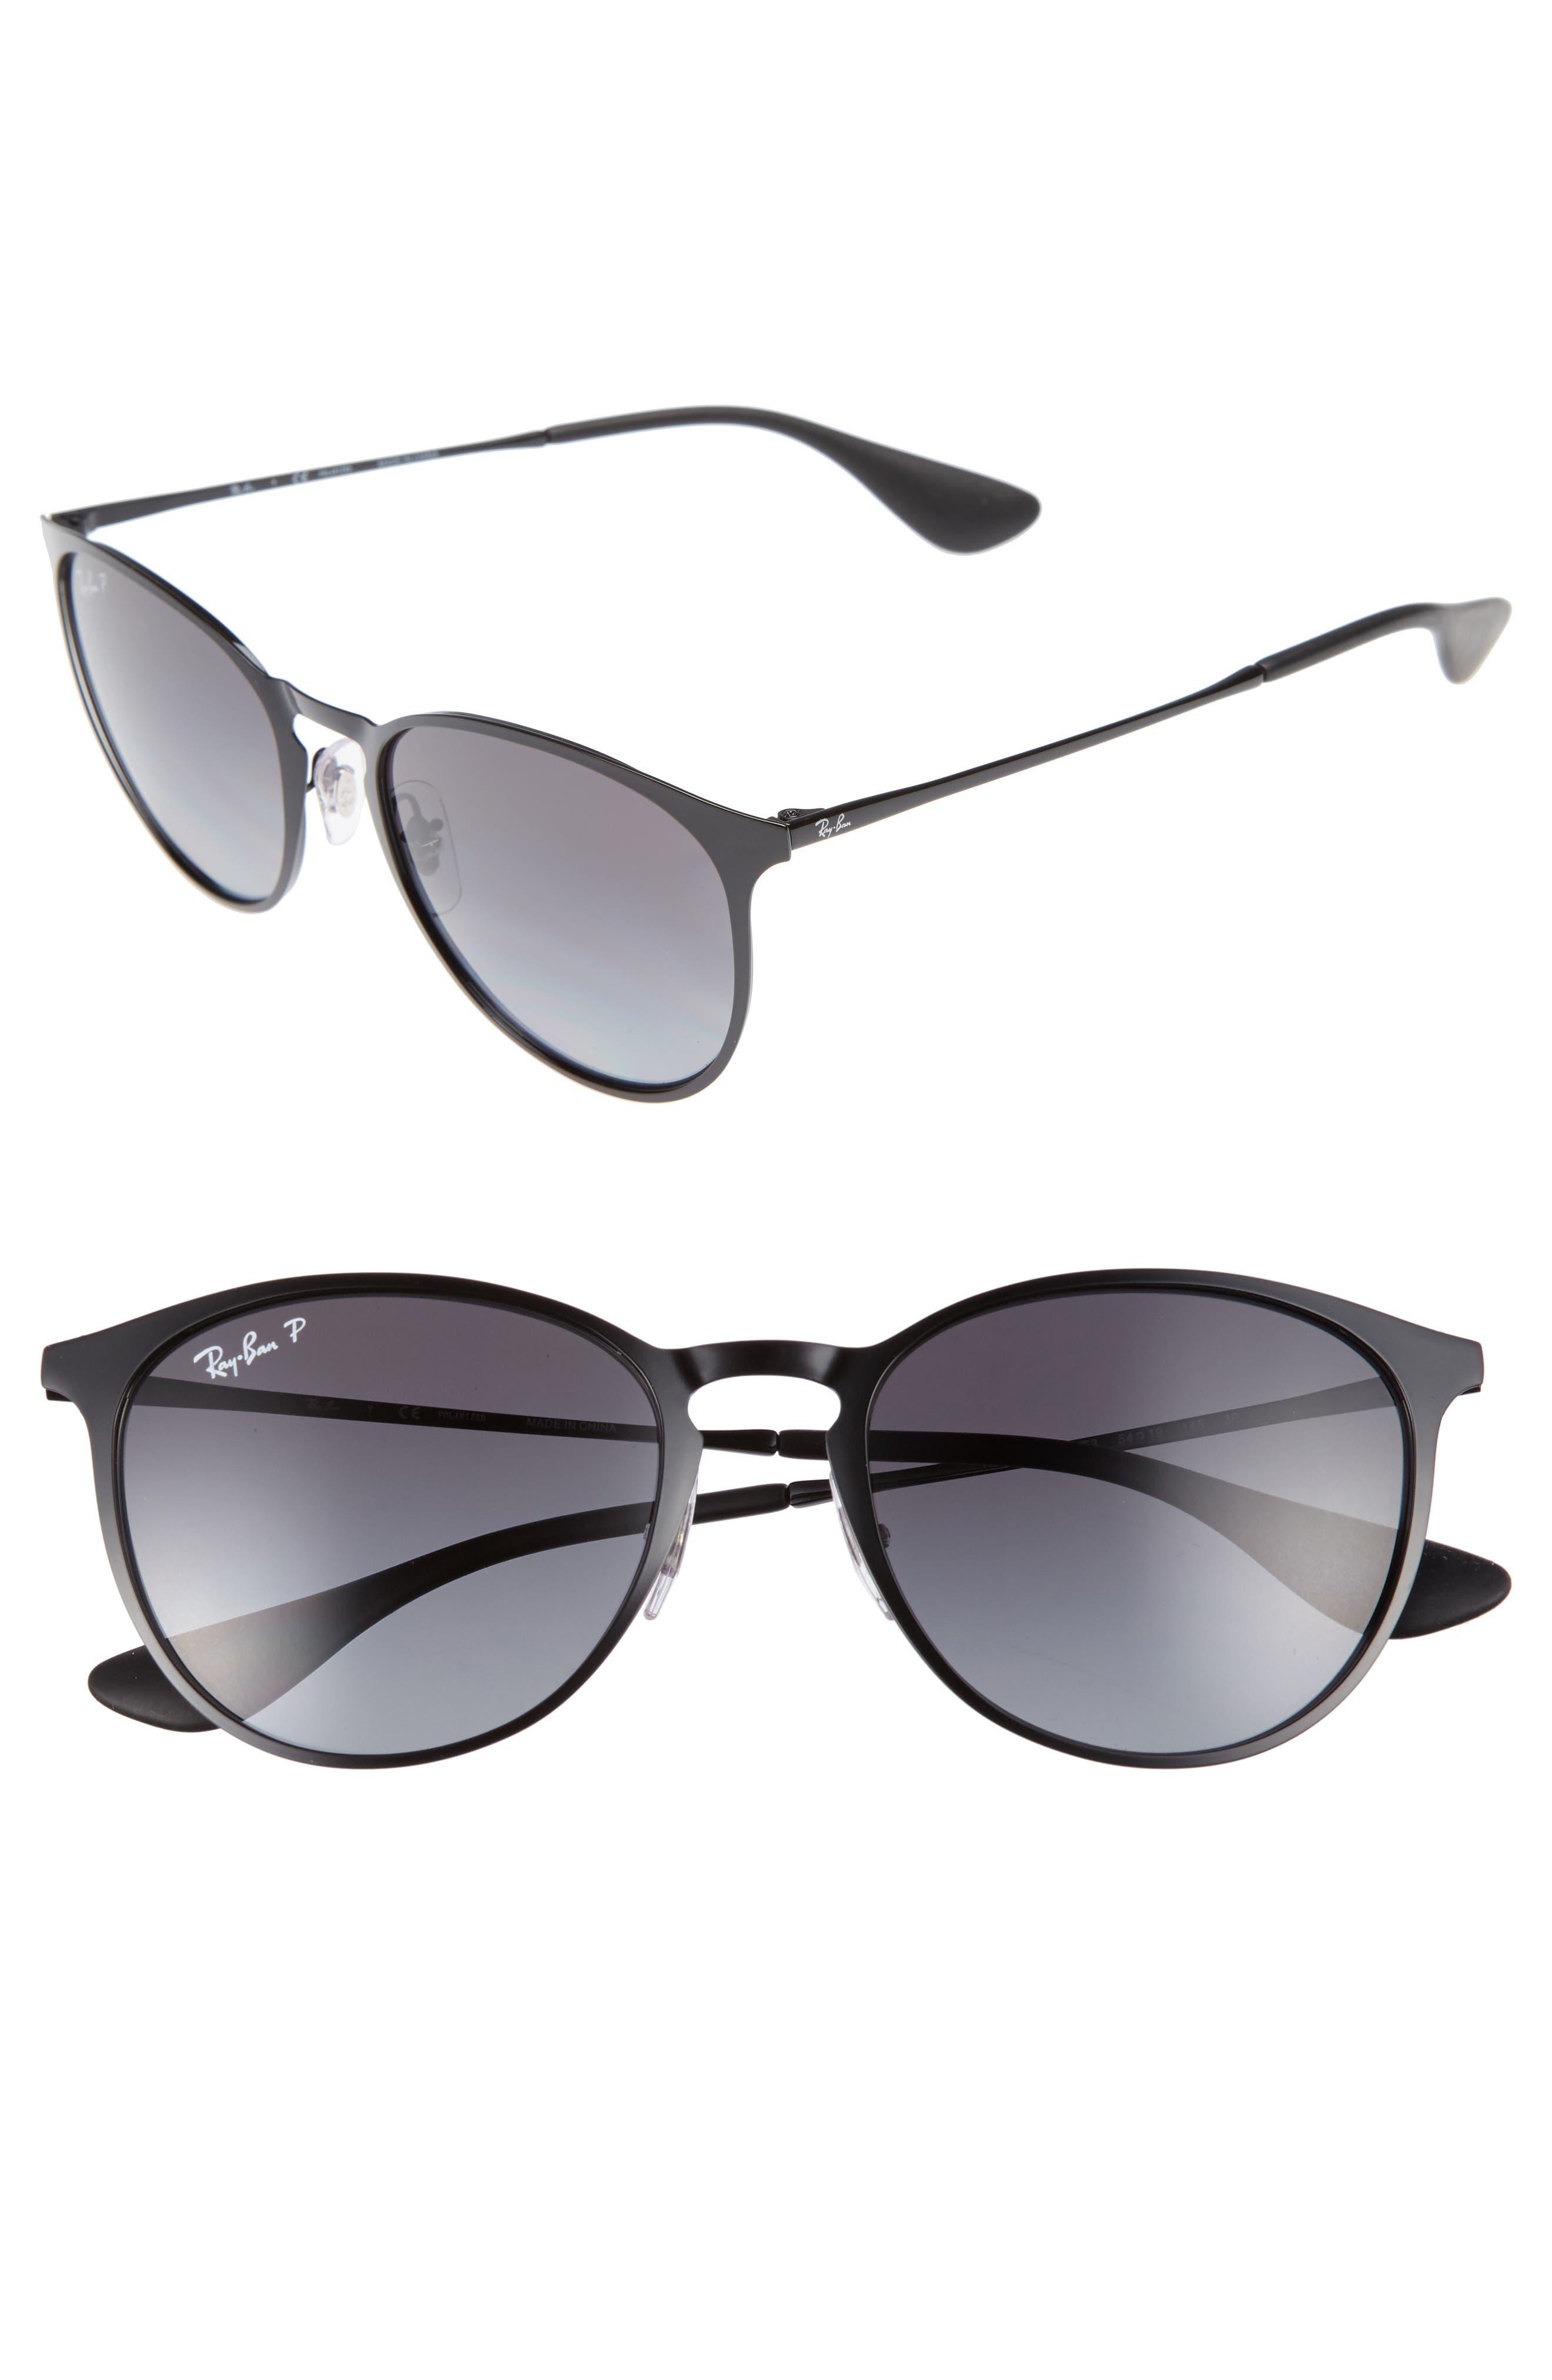 Main Image - Ray-Ban Erik 54mm Polarized Sunglasses